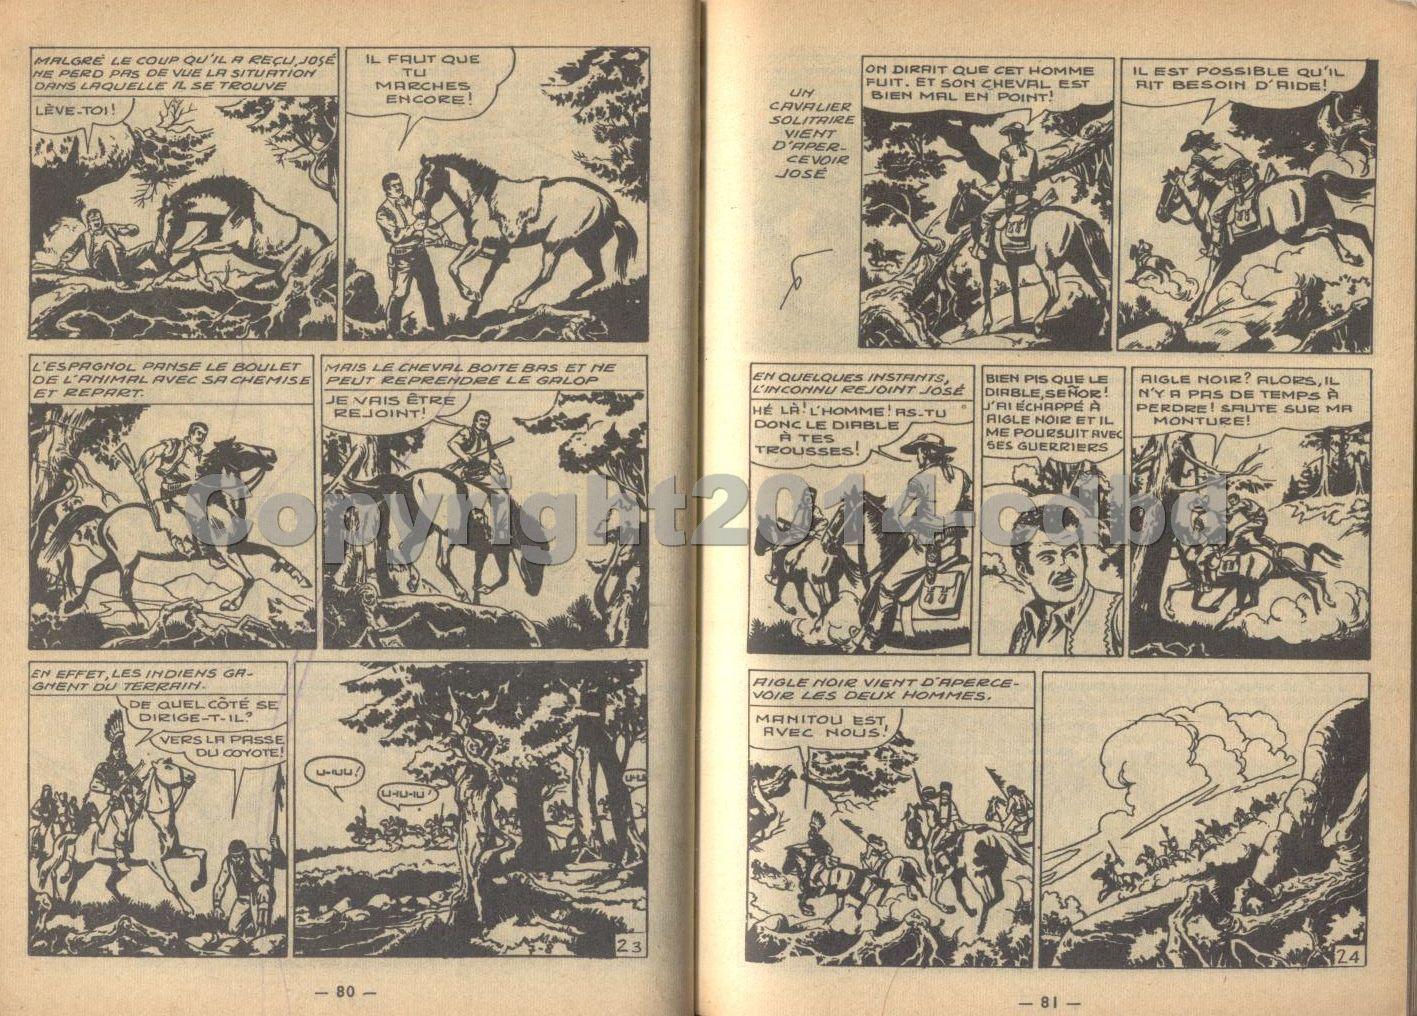 Yuma-Bourask mensuel n°7 du 15 Mai 1963 page 41 à 43